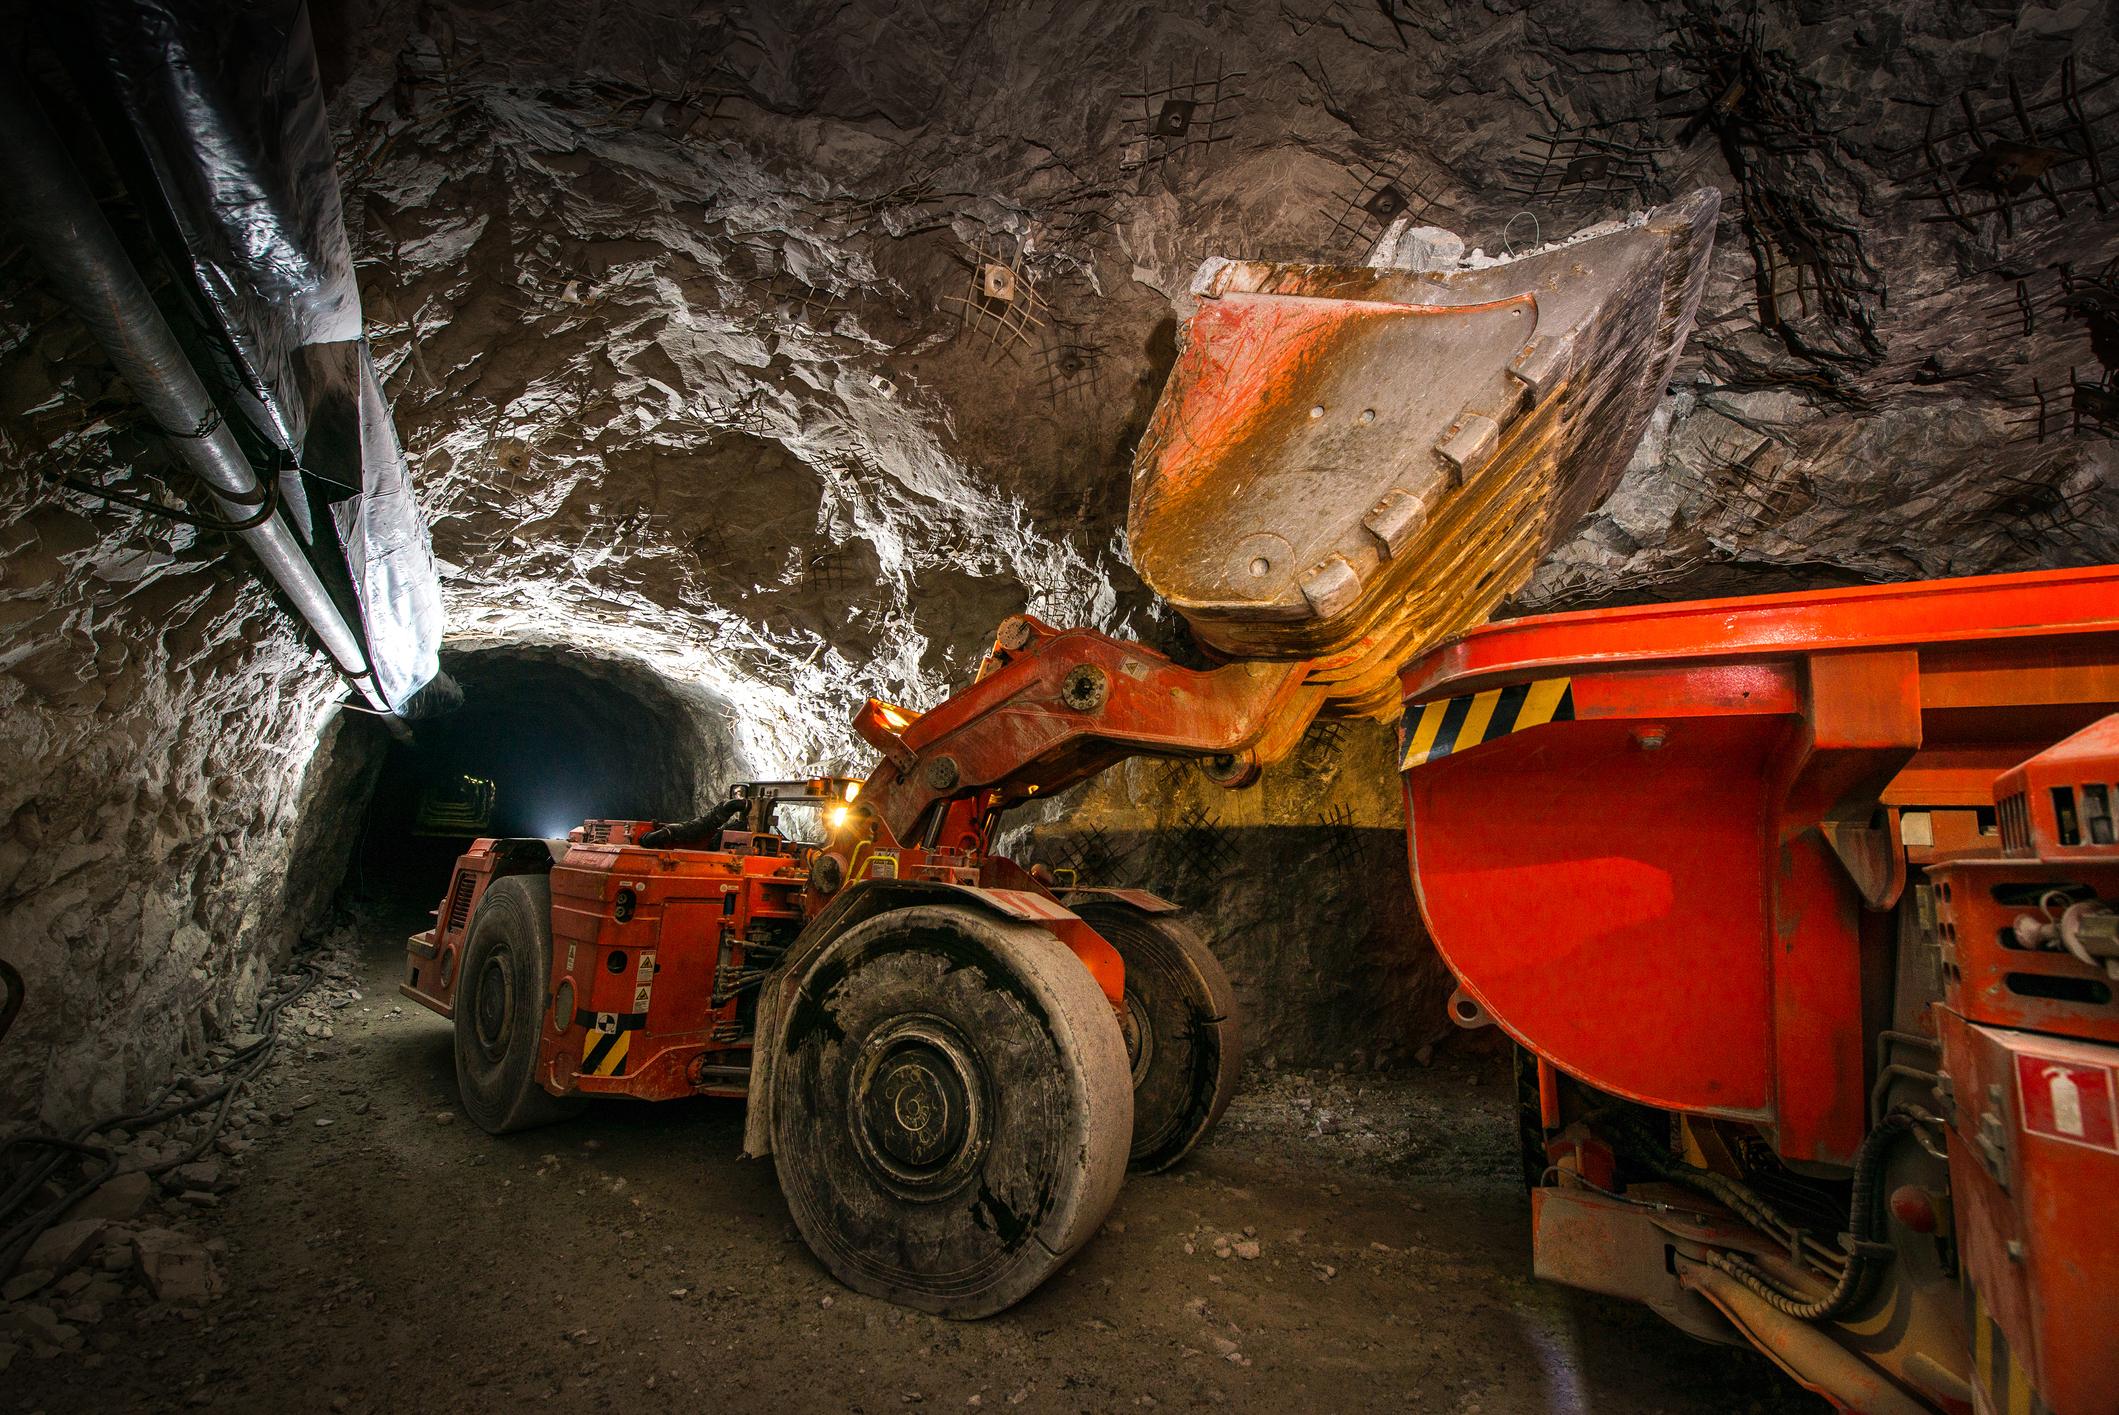 Excavator in an underground precious-metal mine.